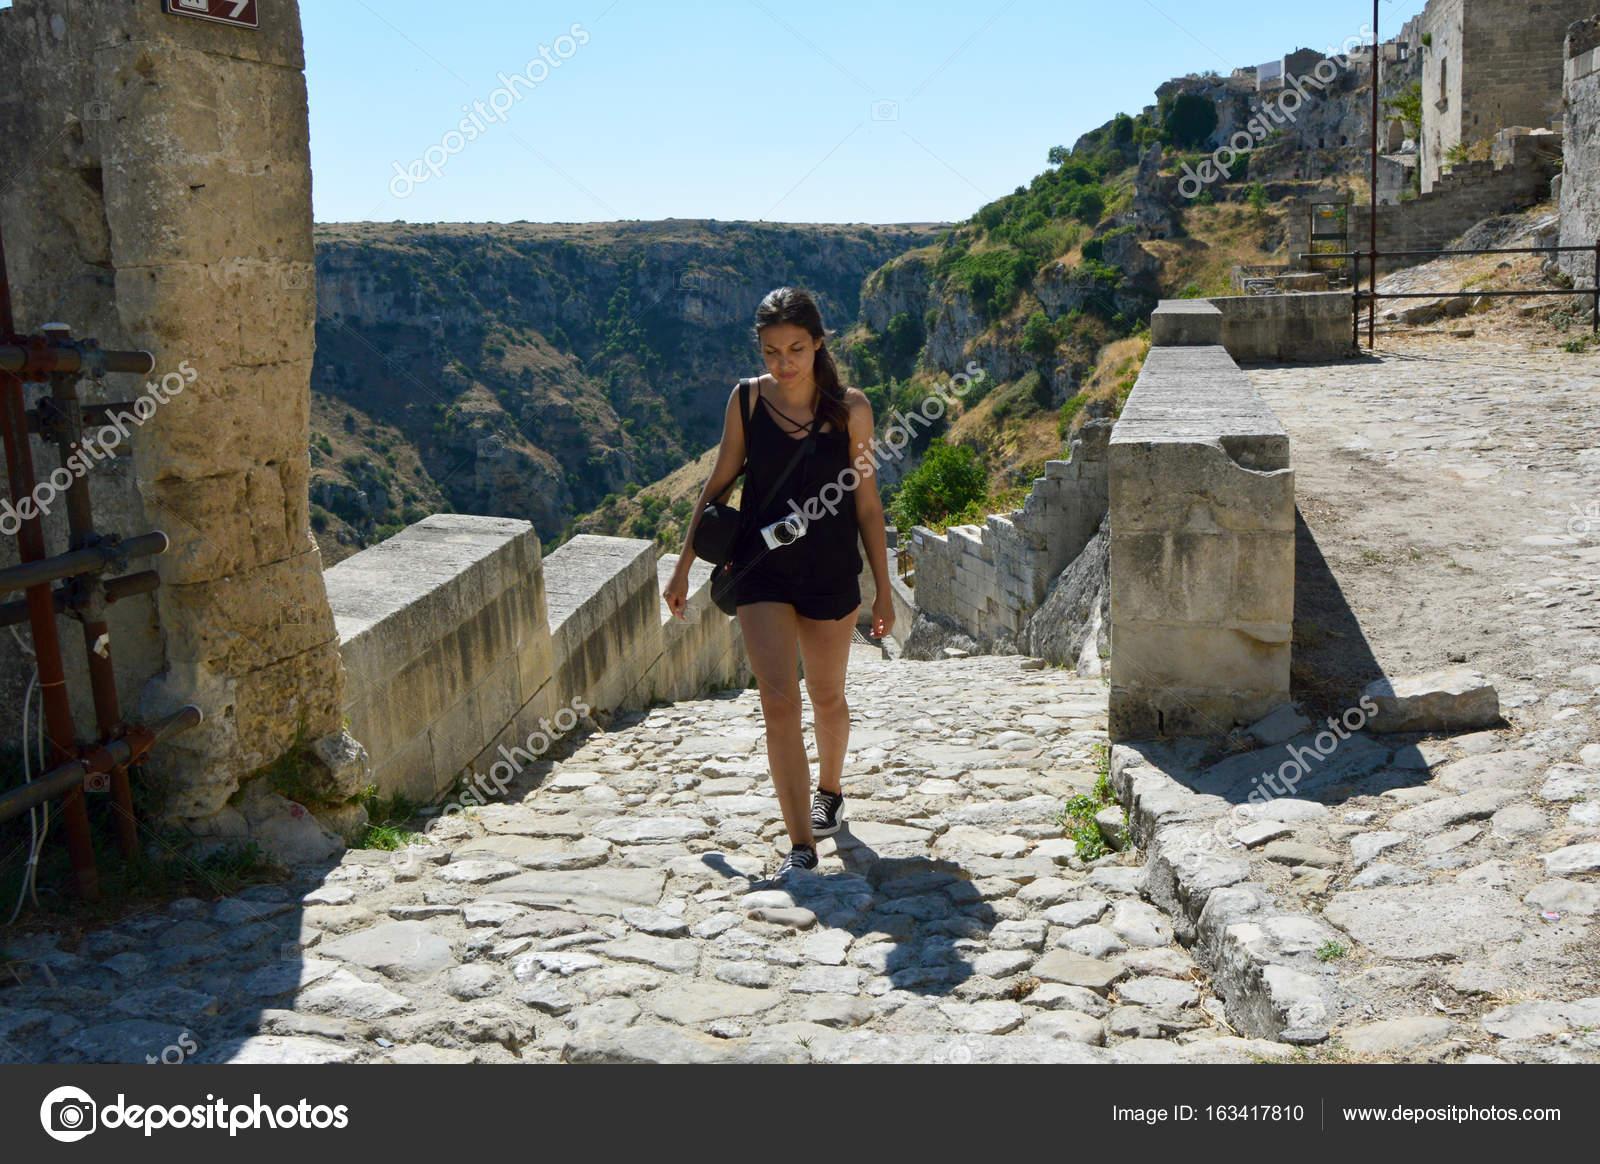 d3cf9cfe10cf78 Junge Frau klettern Treppen in der alten Stadt Matera